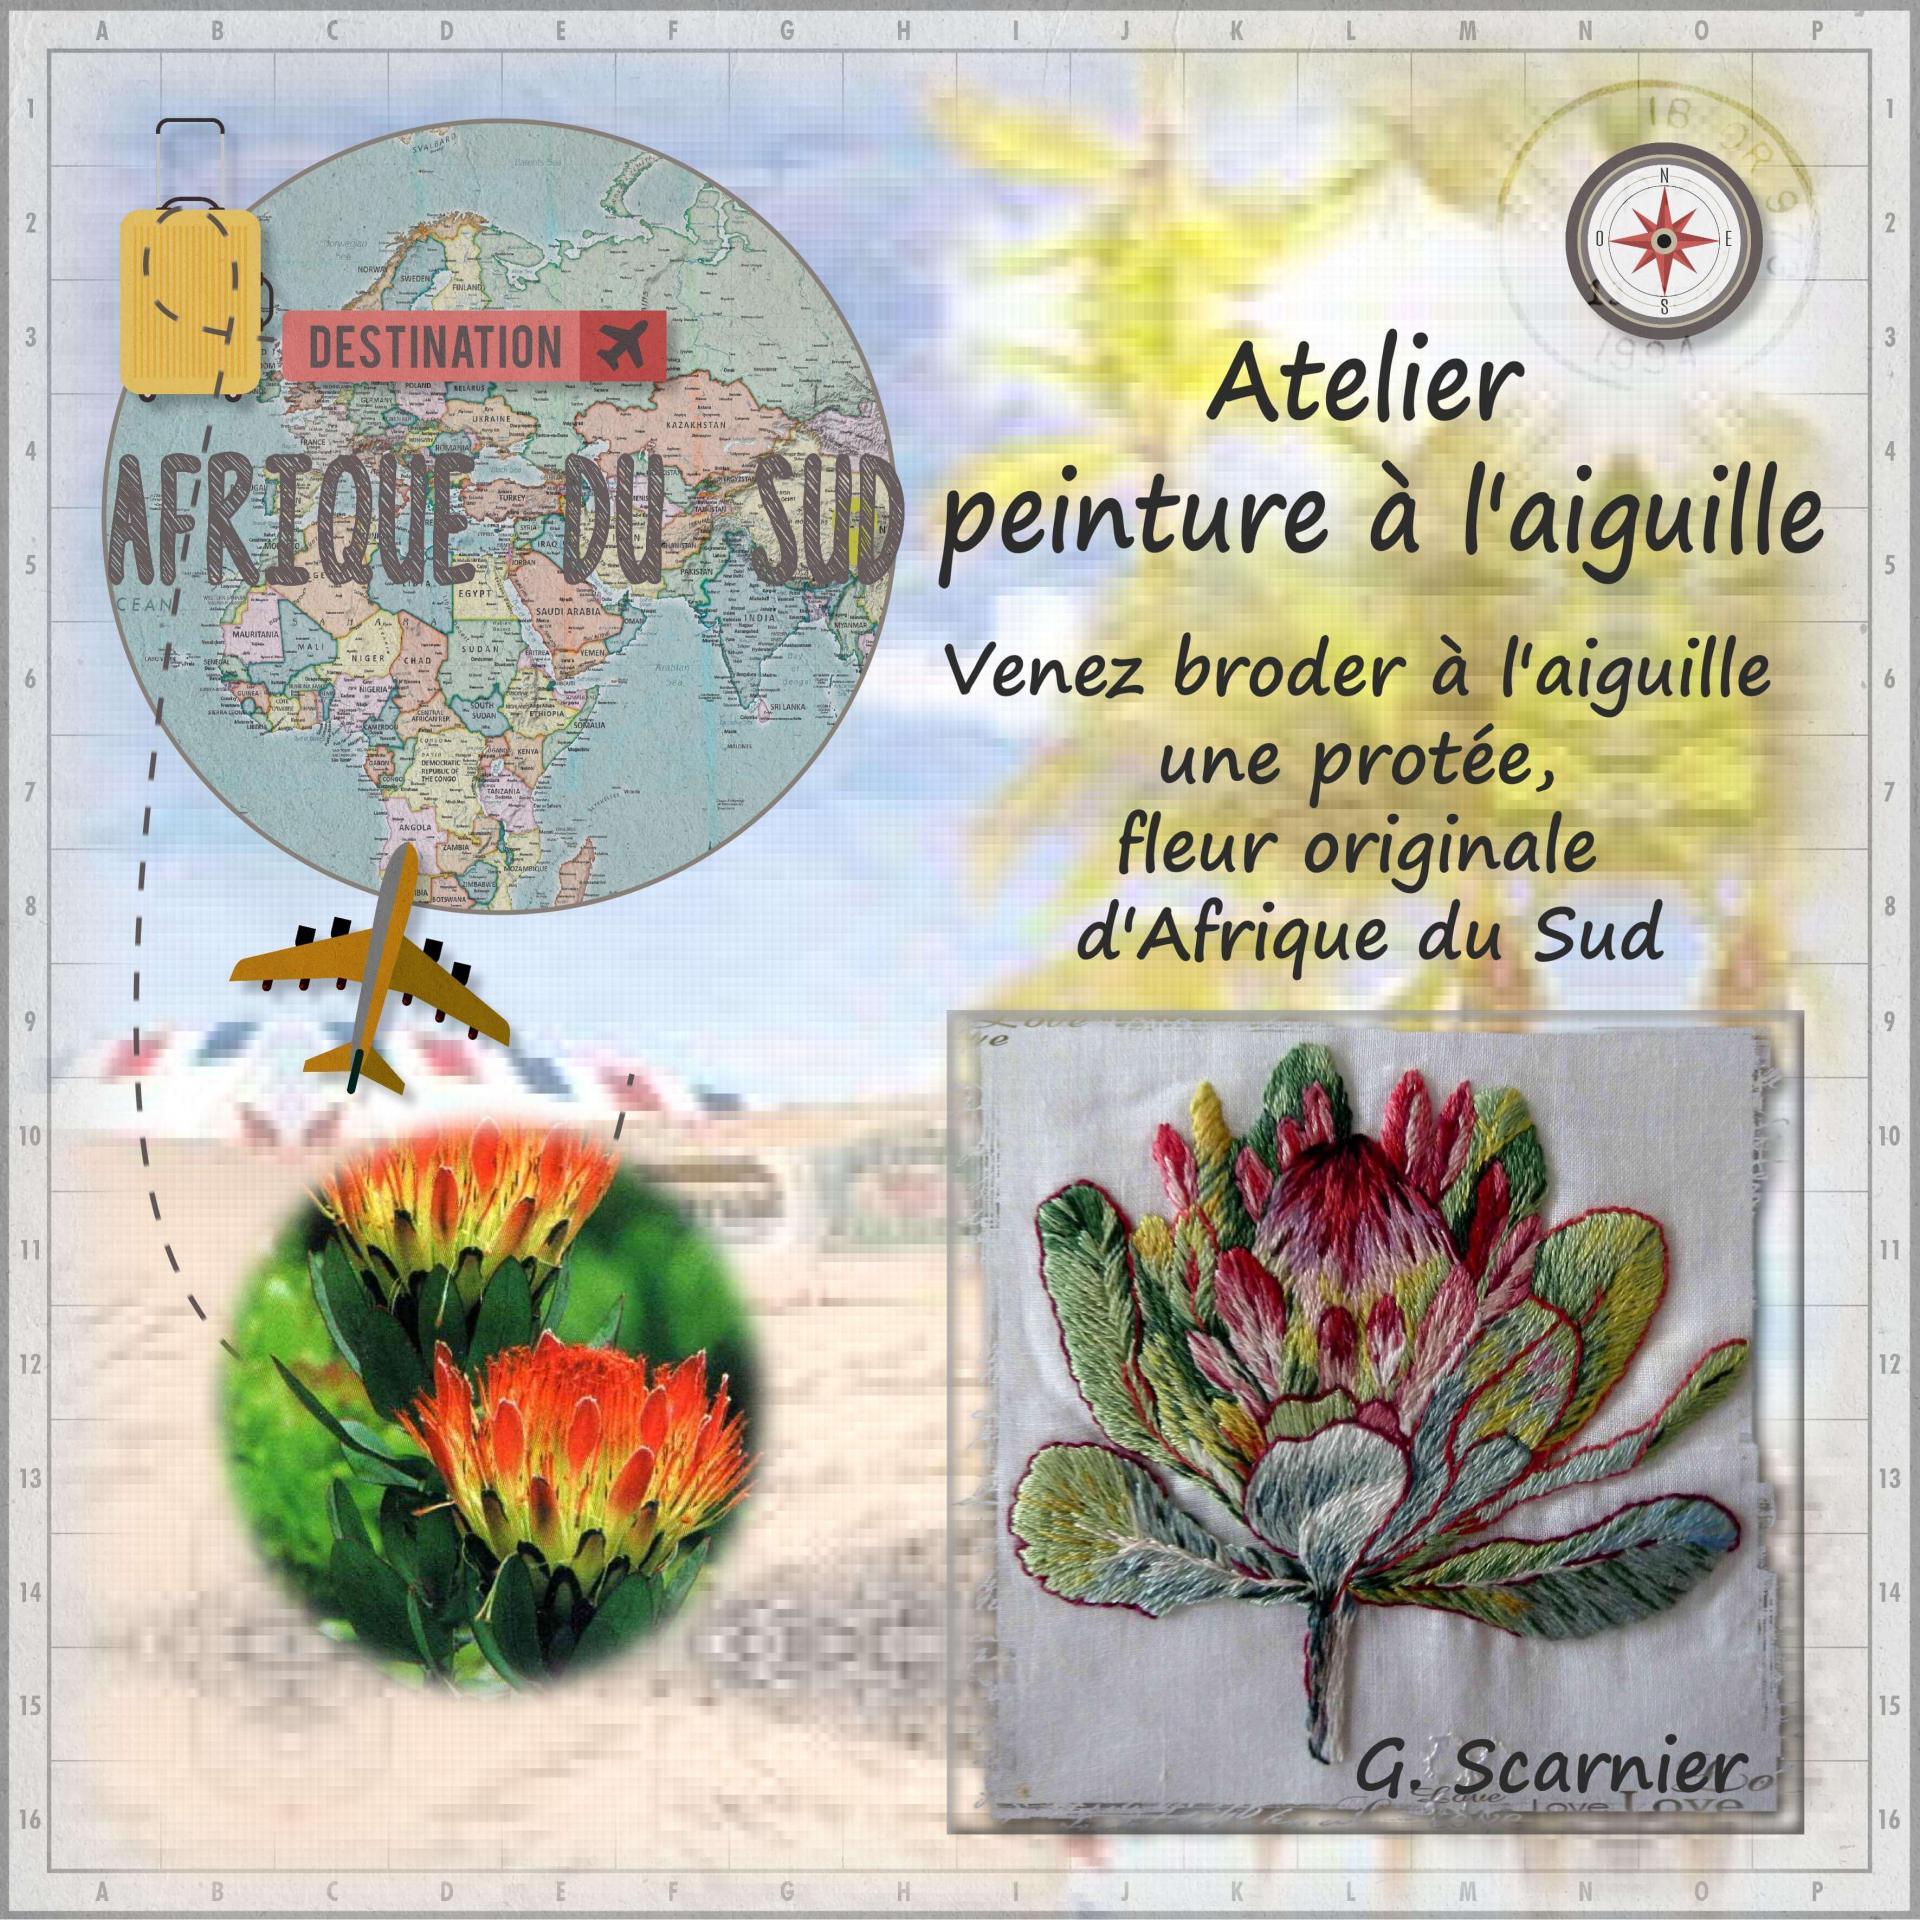 09 scarnier afrique sud